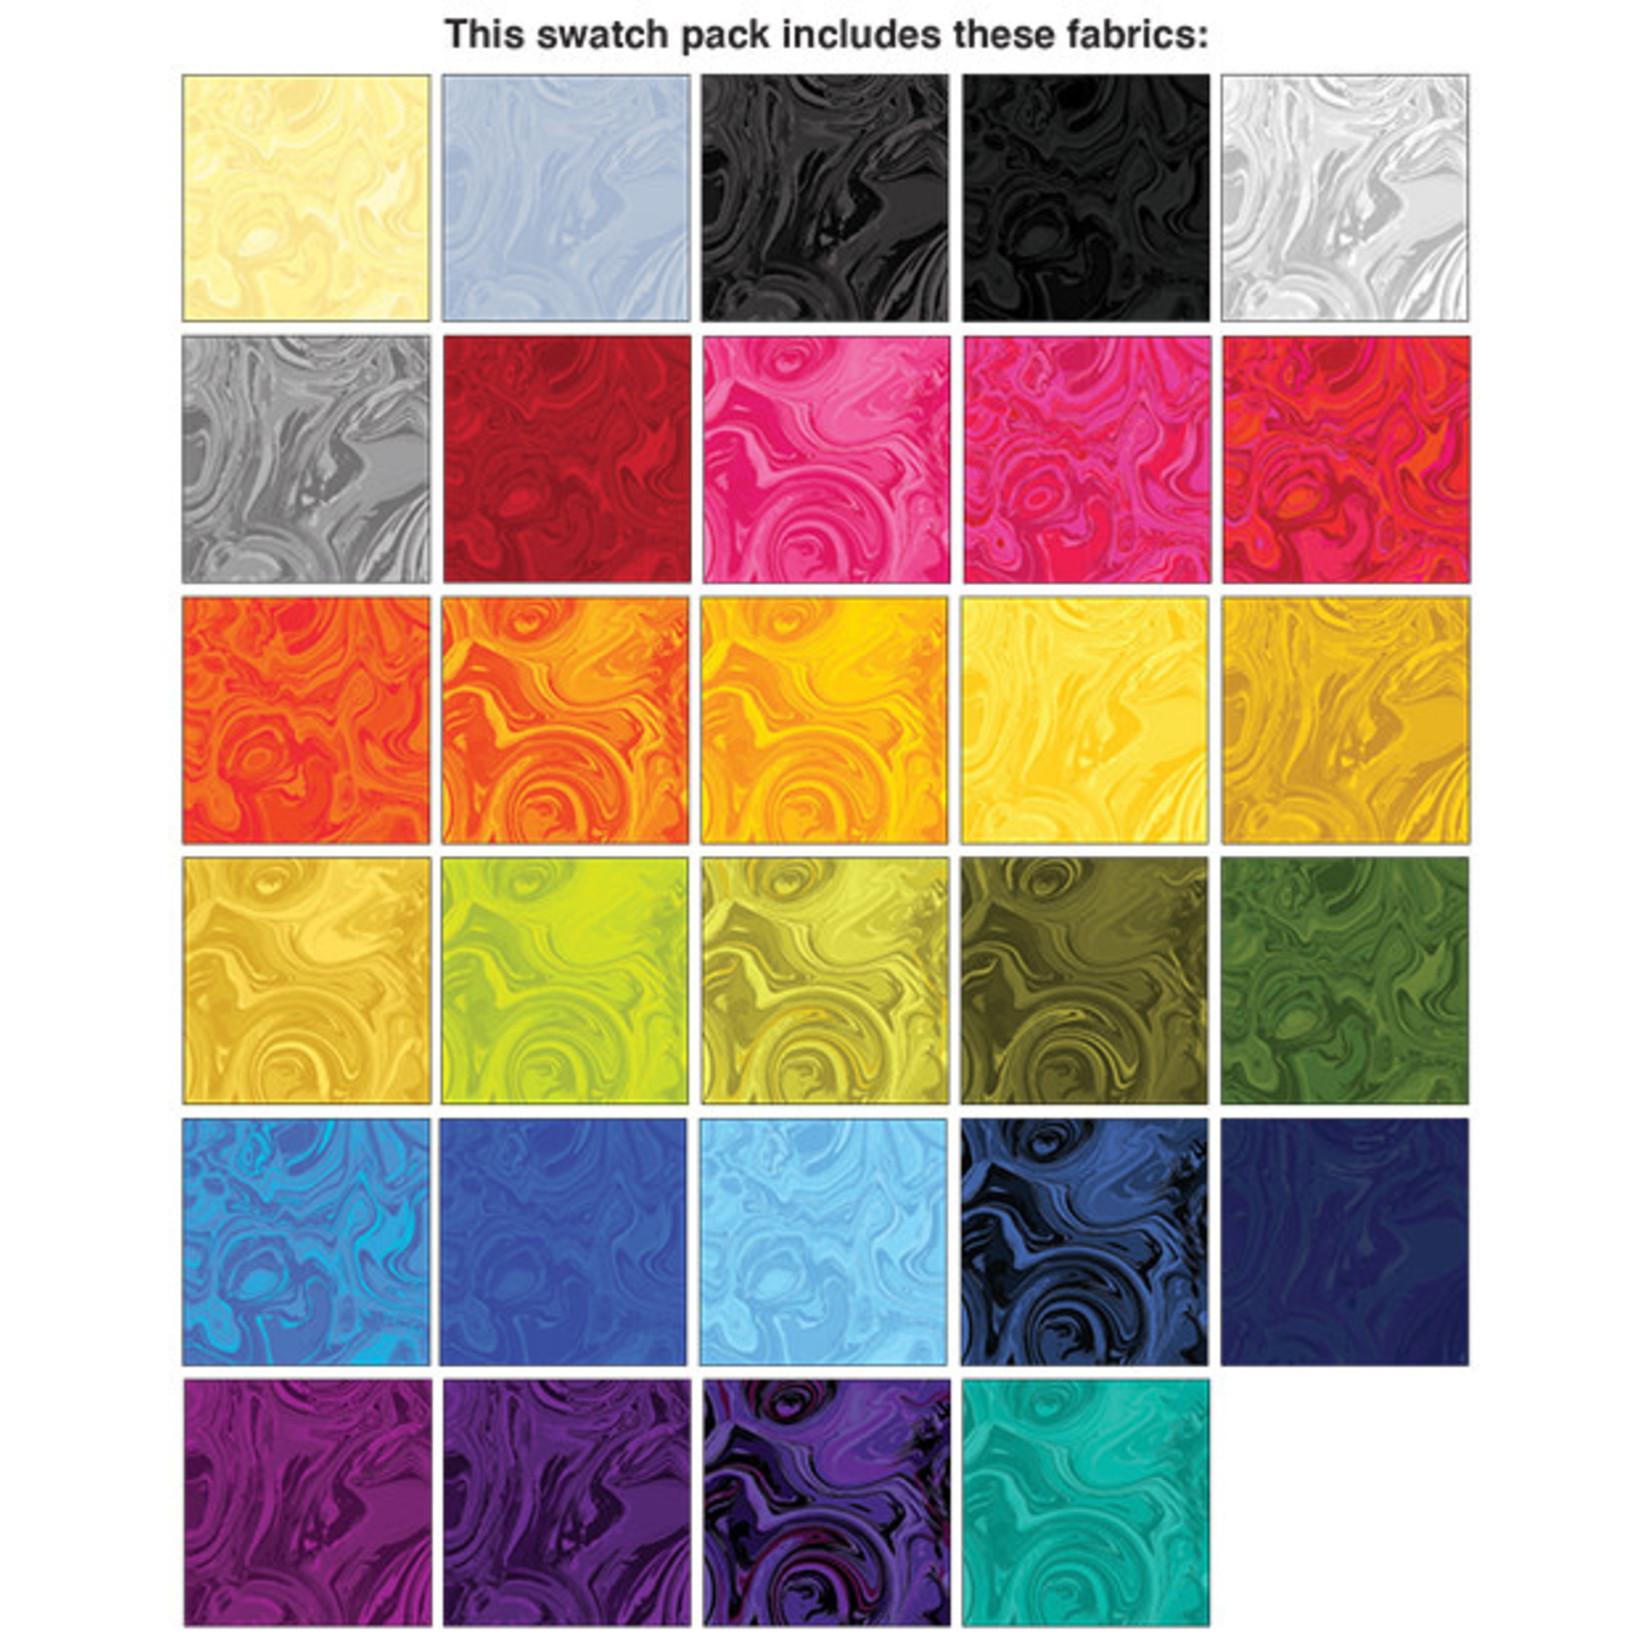 Benartex Studio Marbella - Jelly Roll - 40 Stroken